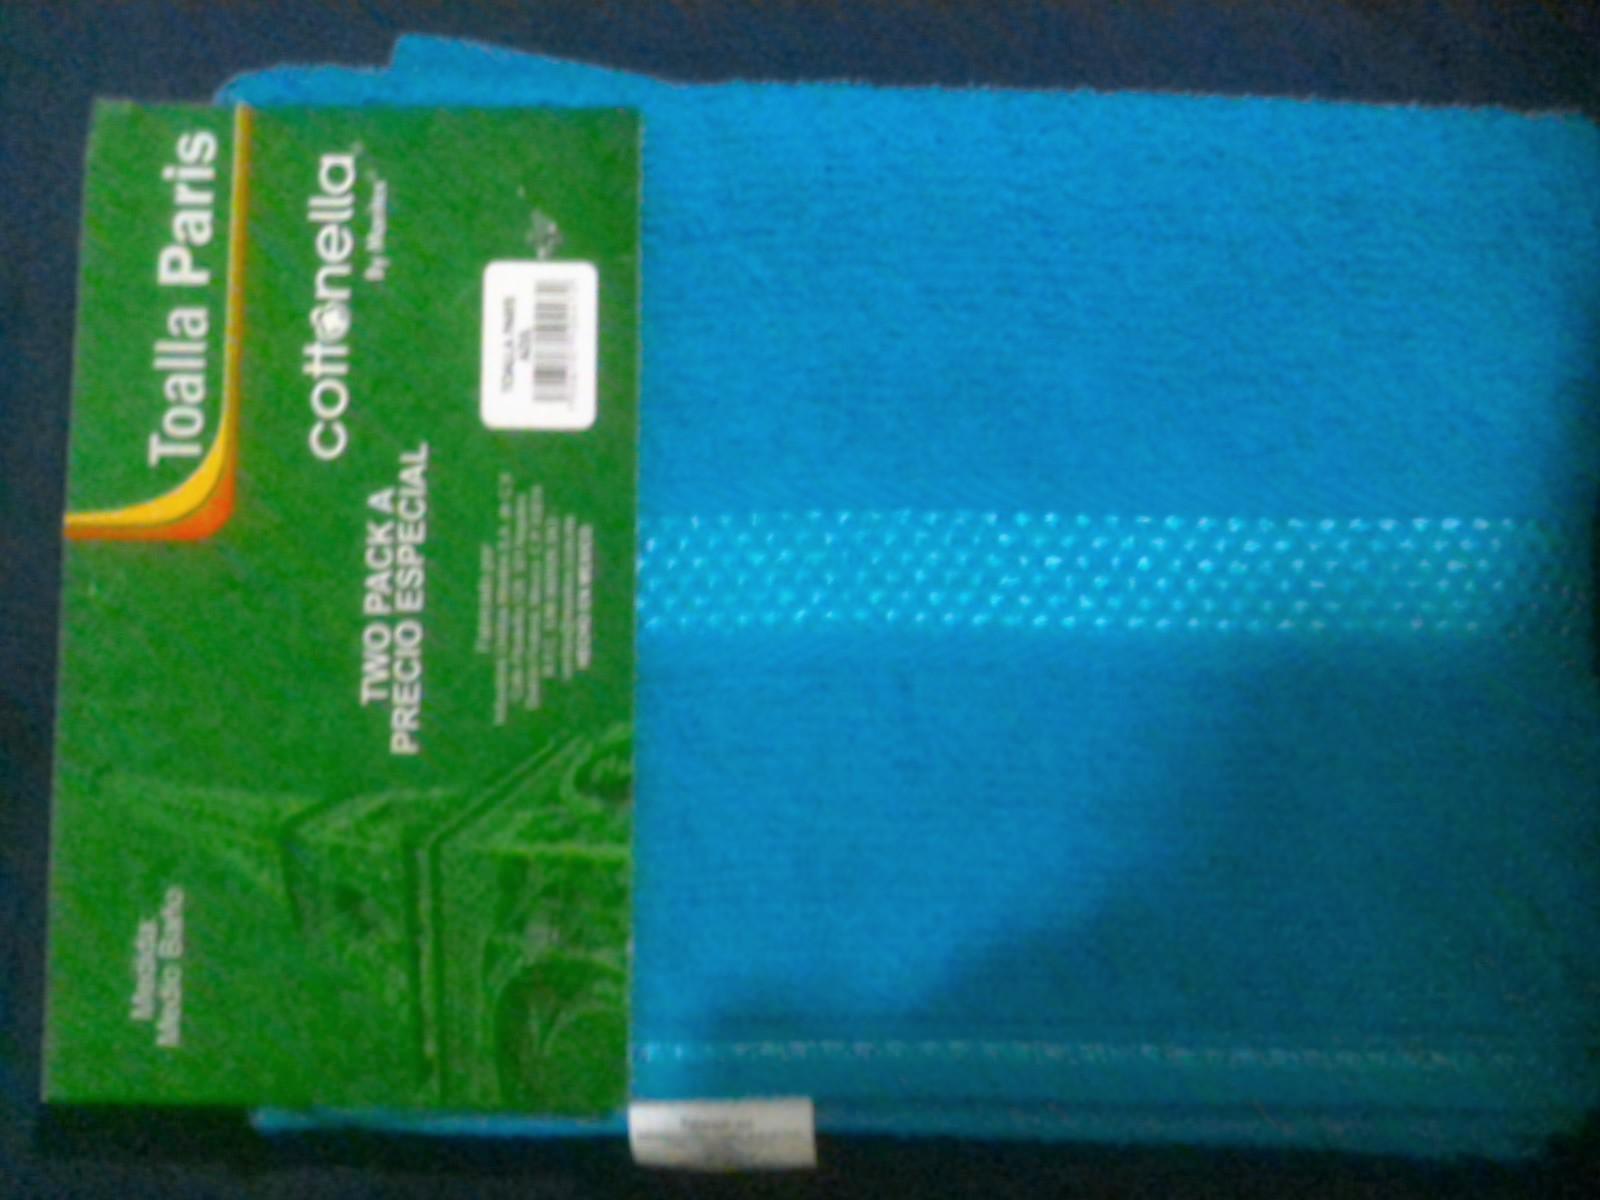 Bodega Aurrerá: Dos toallas de baño o Espejo para habitacion